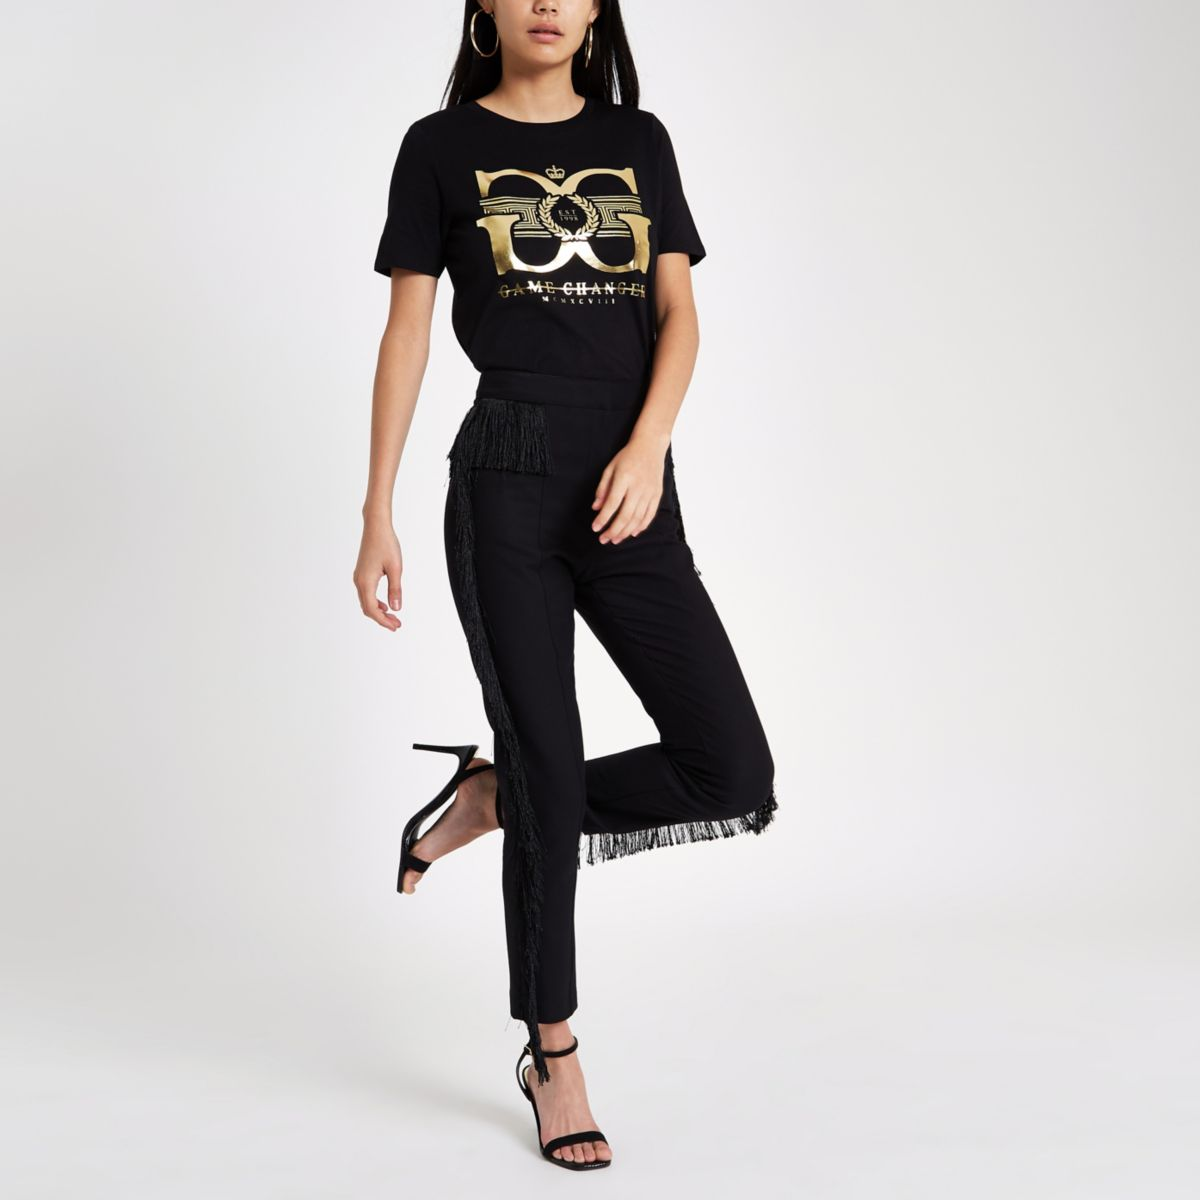 Zwart T-shirt met 'Game changer'-folieprint